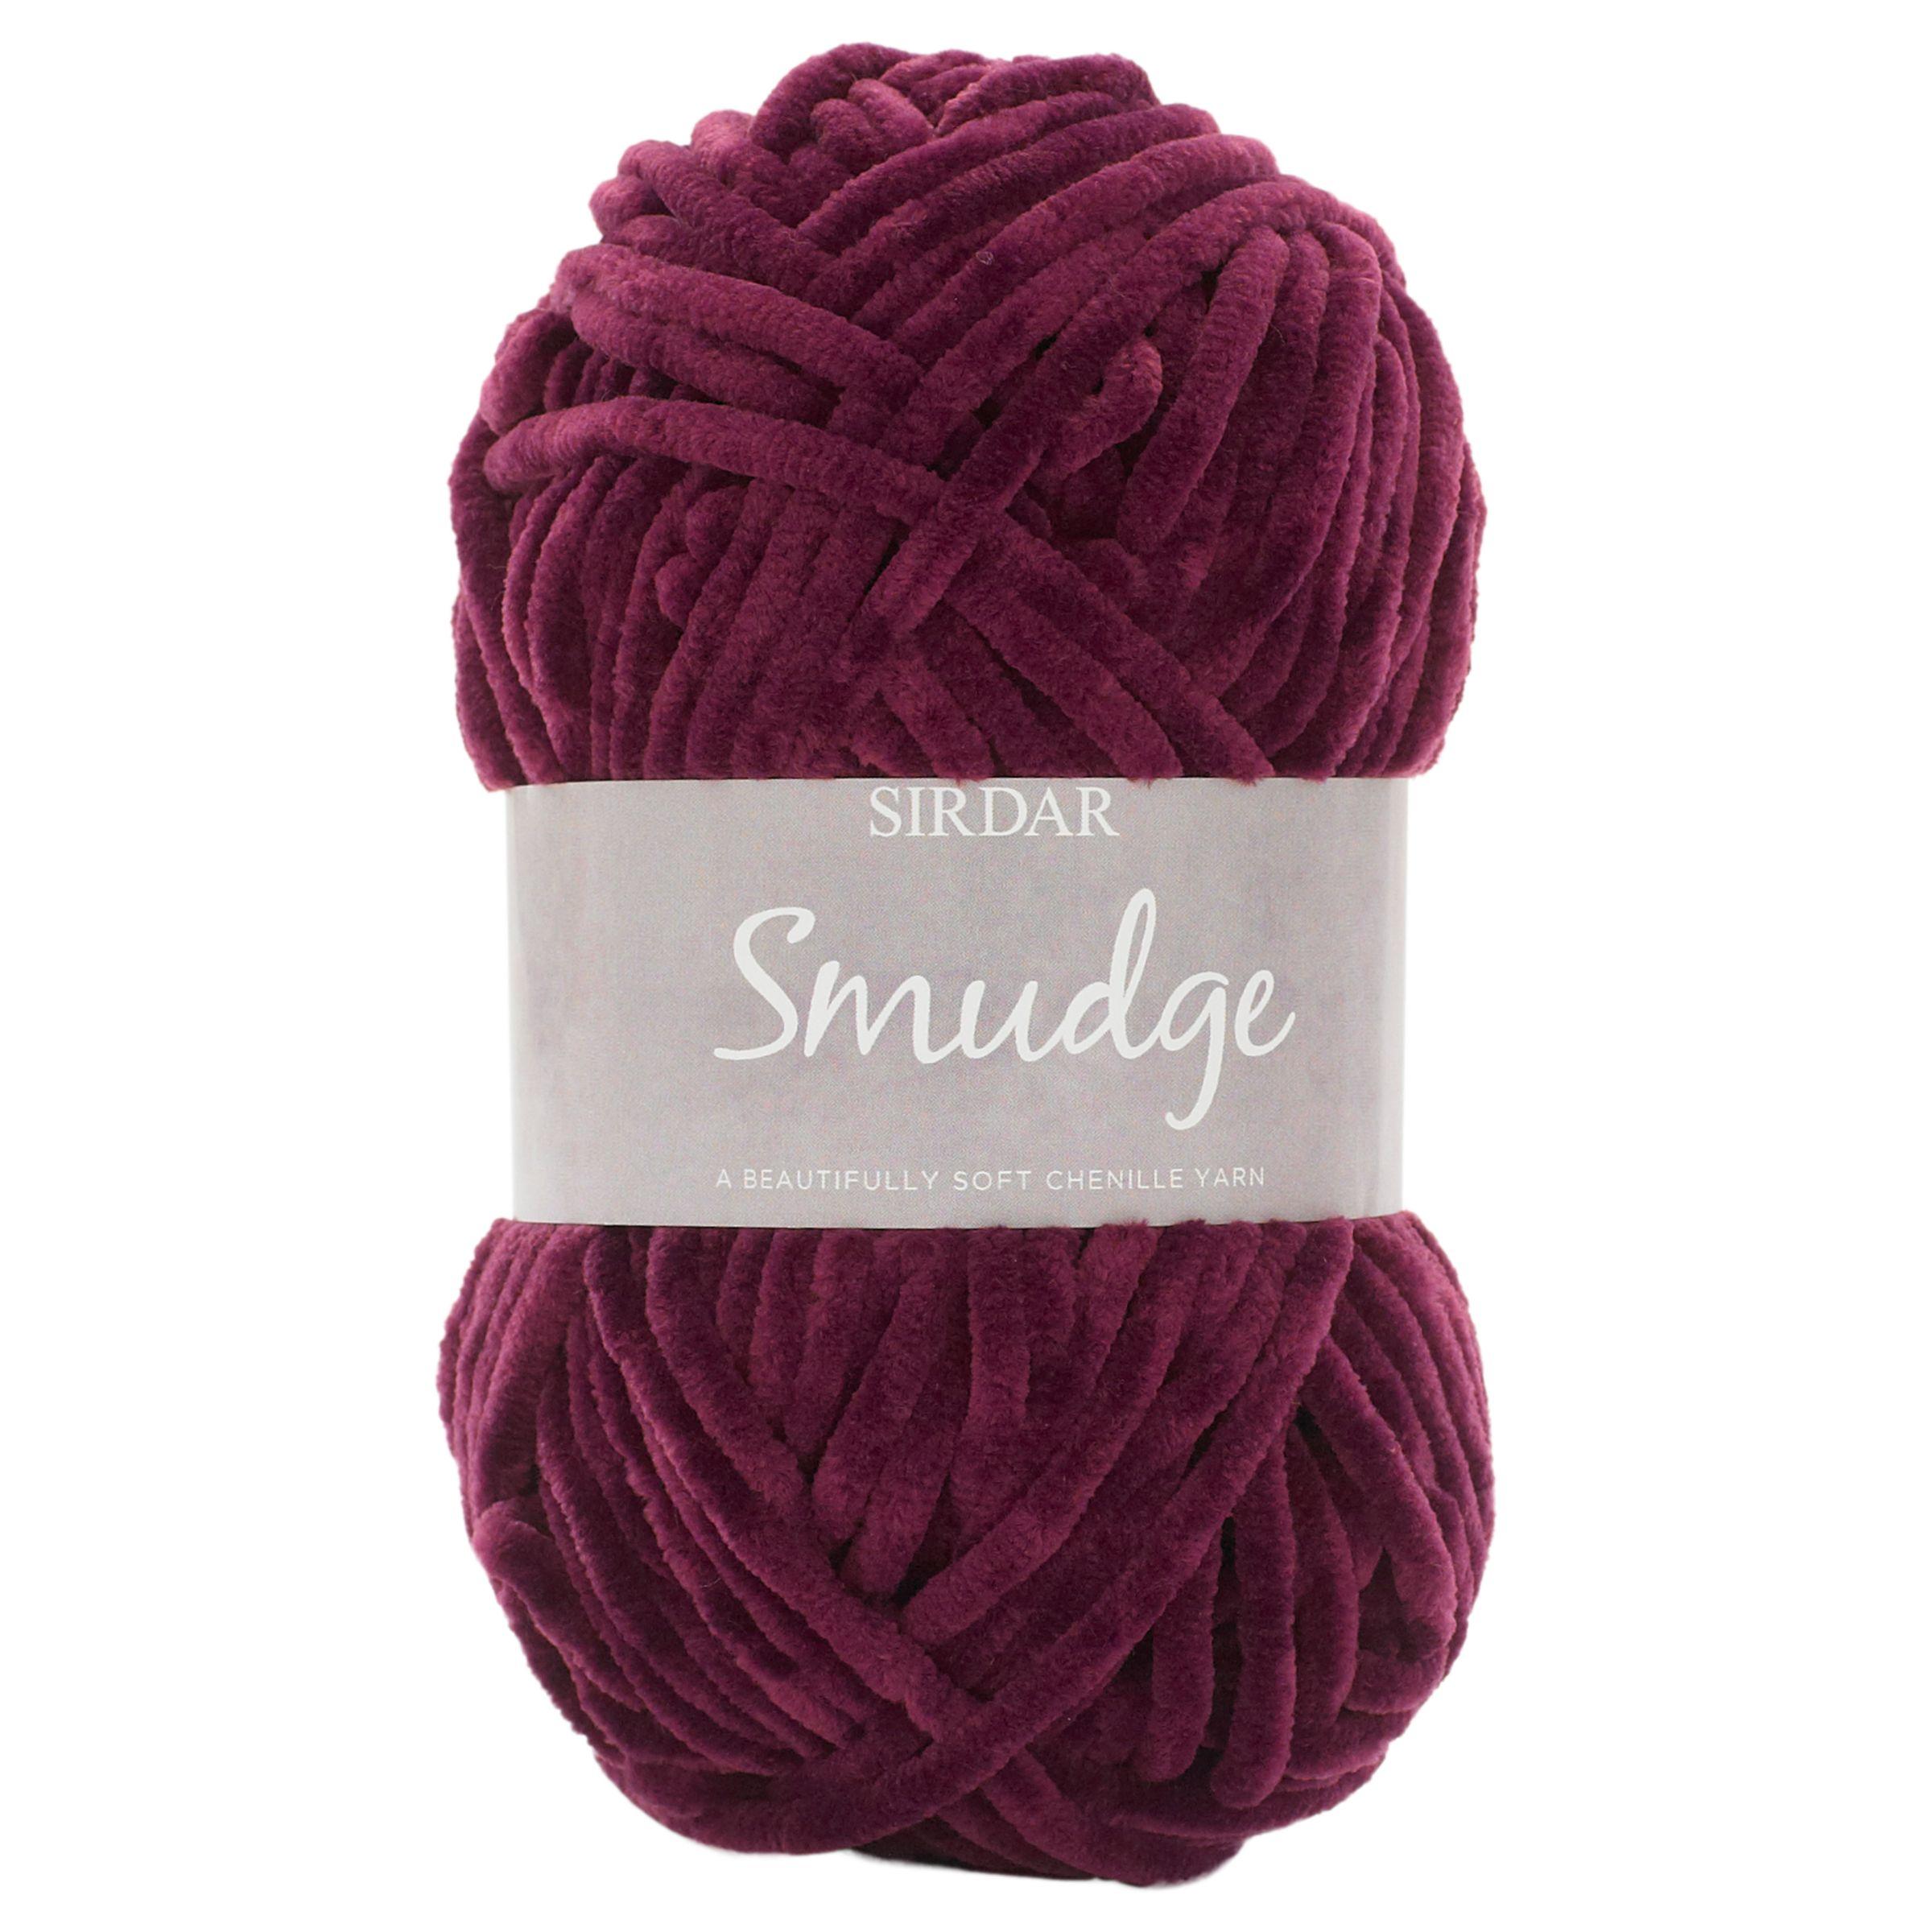 Sirdar Sirdar Smudge Fashion Yarn, 100g